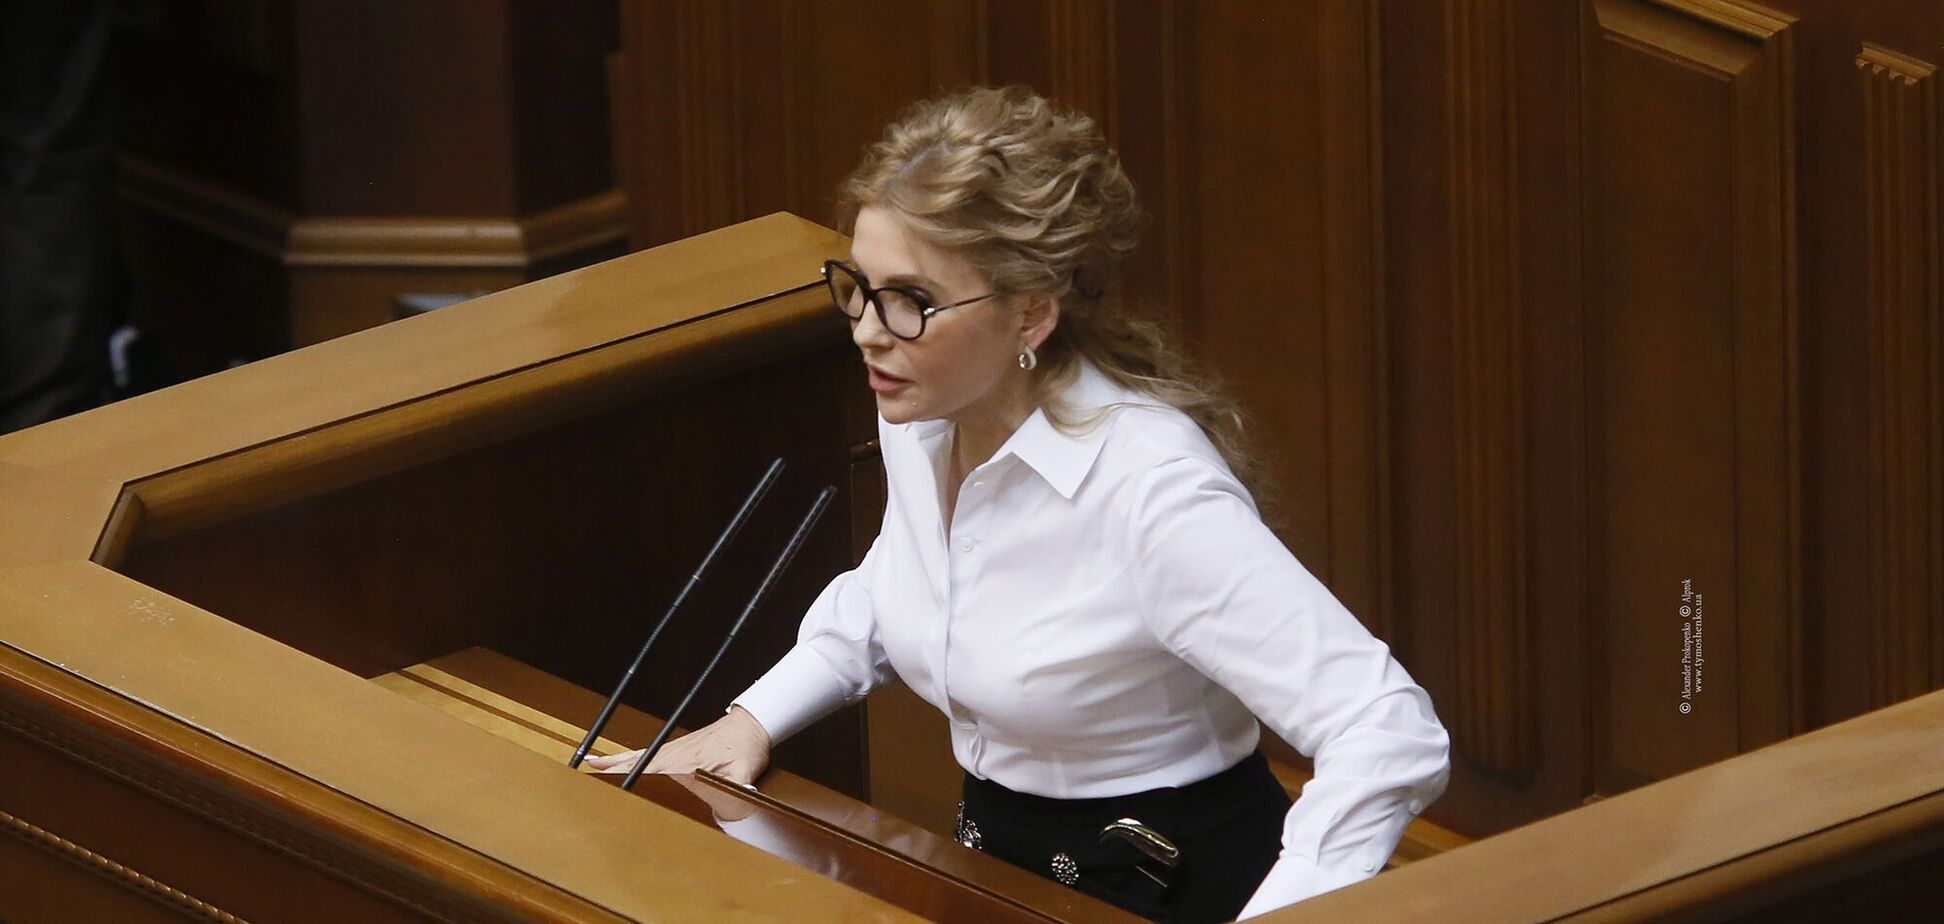 Тимошенко: ситуація в Україні зміниться, коли до влади прийдуть професіонали